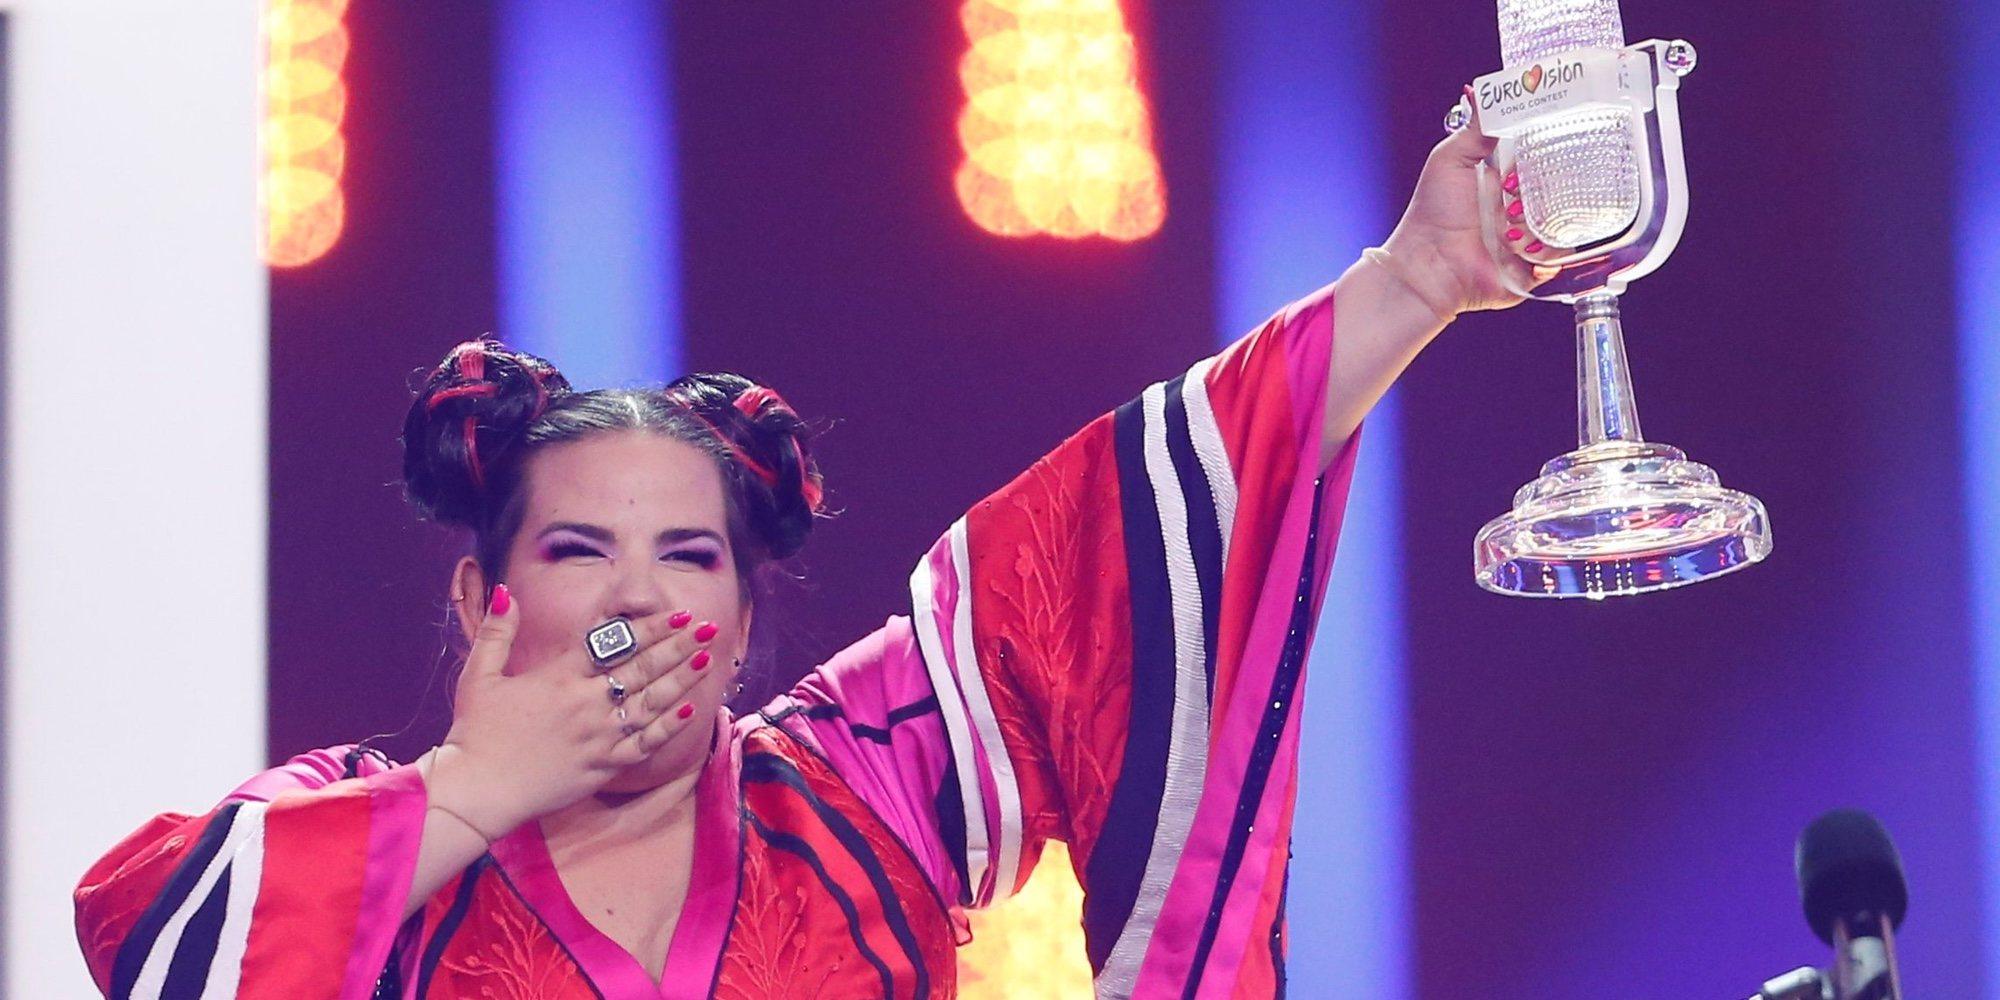 Israel gana el Festival de Eurovisión 2018 con Netta Barzilai y su 'Toy'